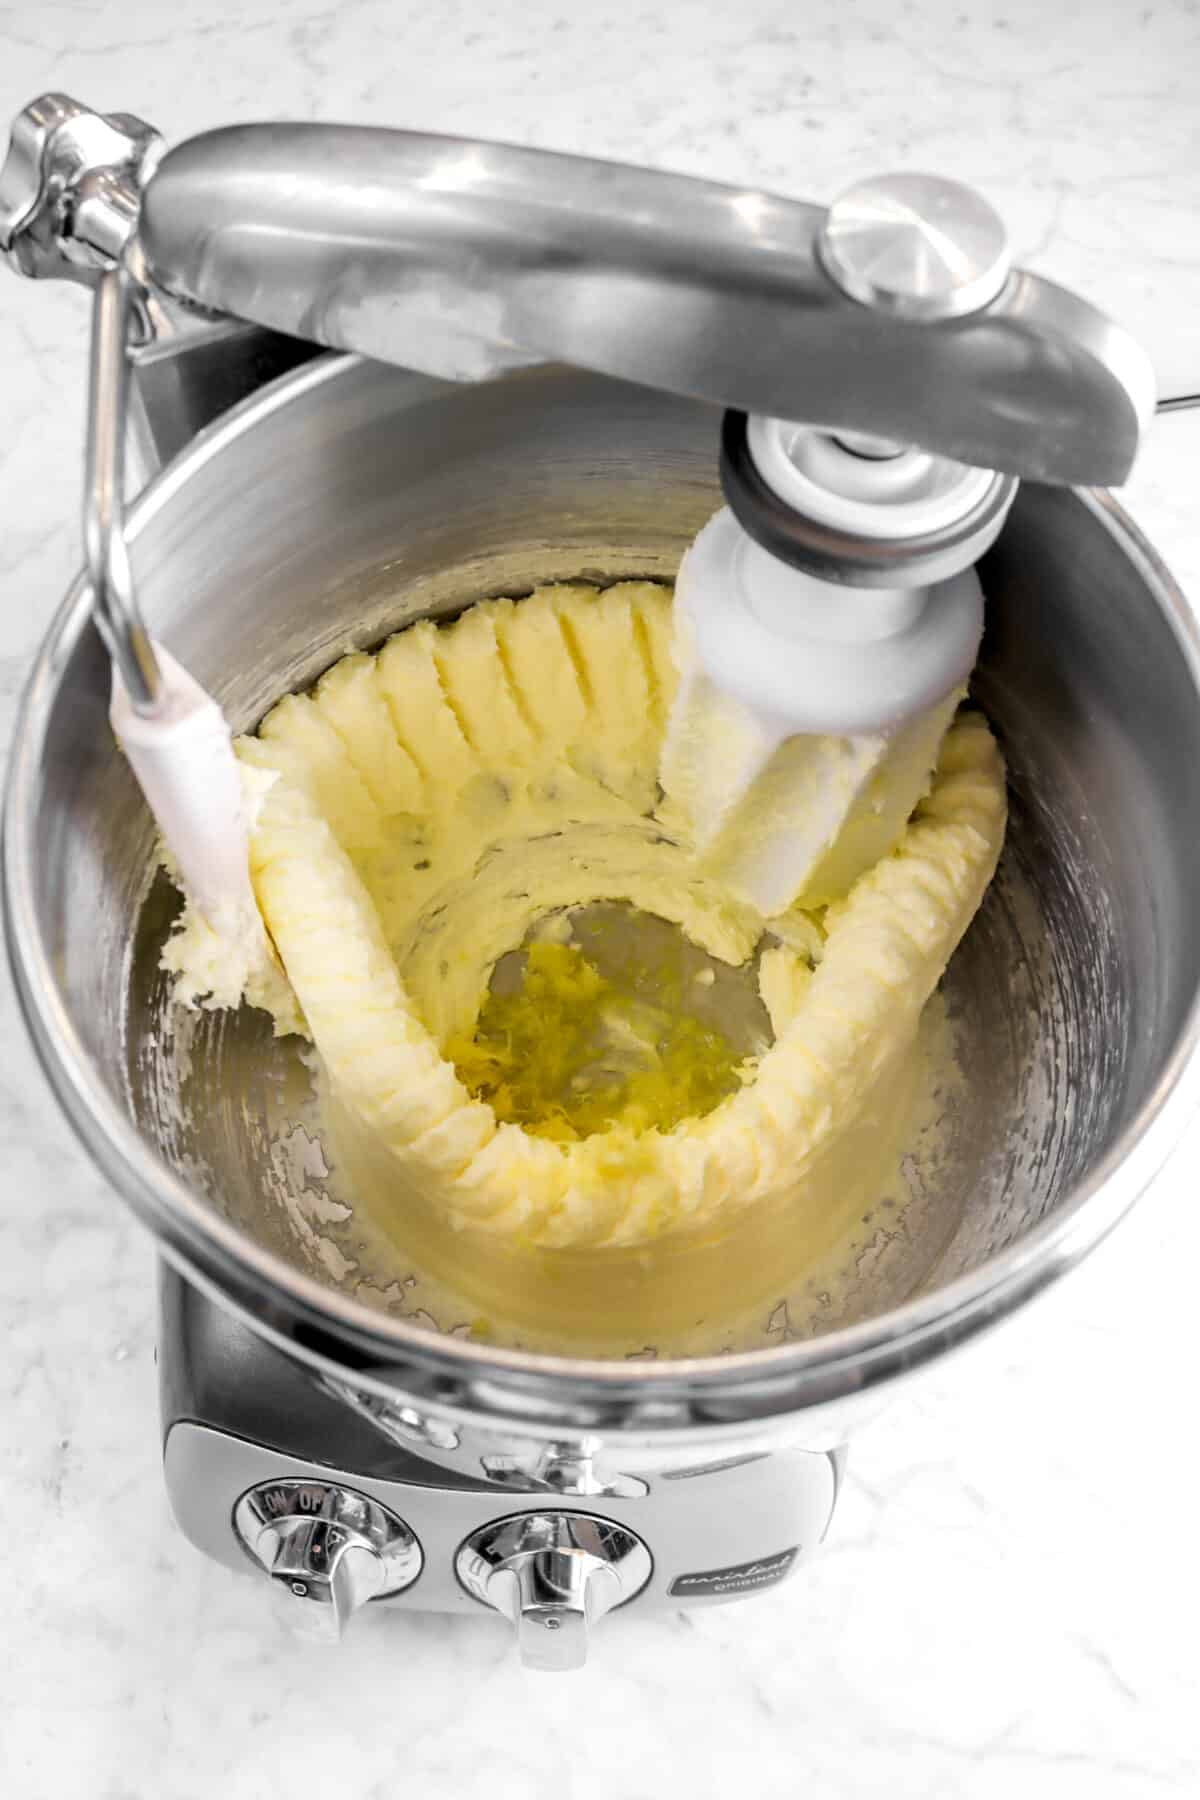 lemon juice and lemon zest in mixer